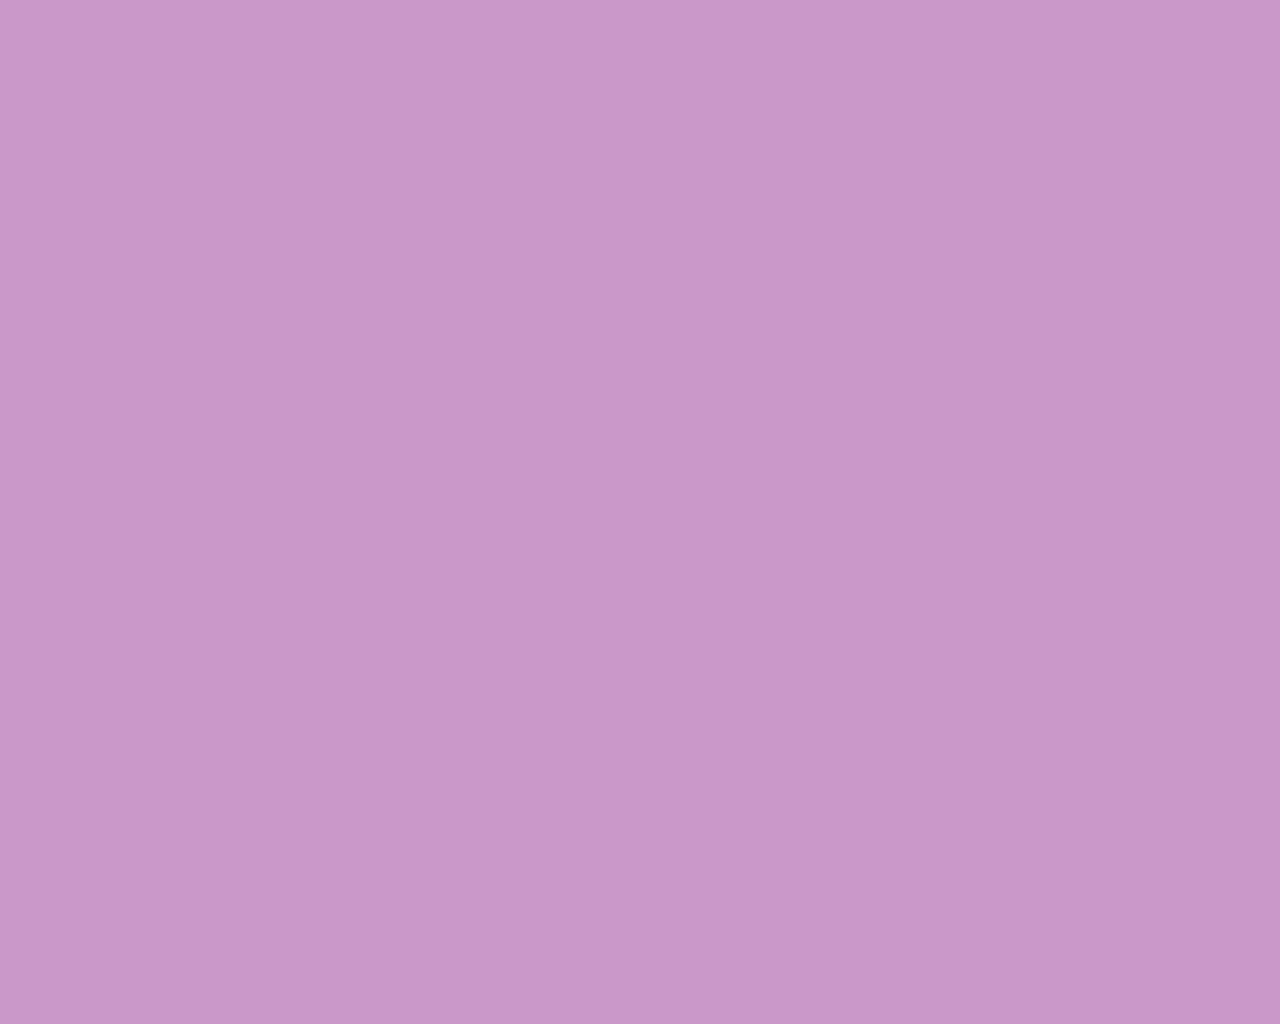 1280x1024 Pastel Violet Solid Color Background